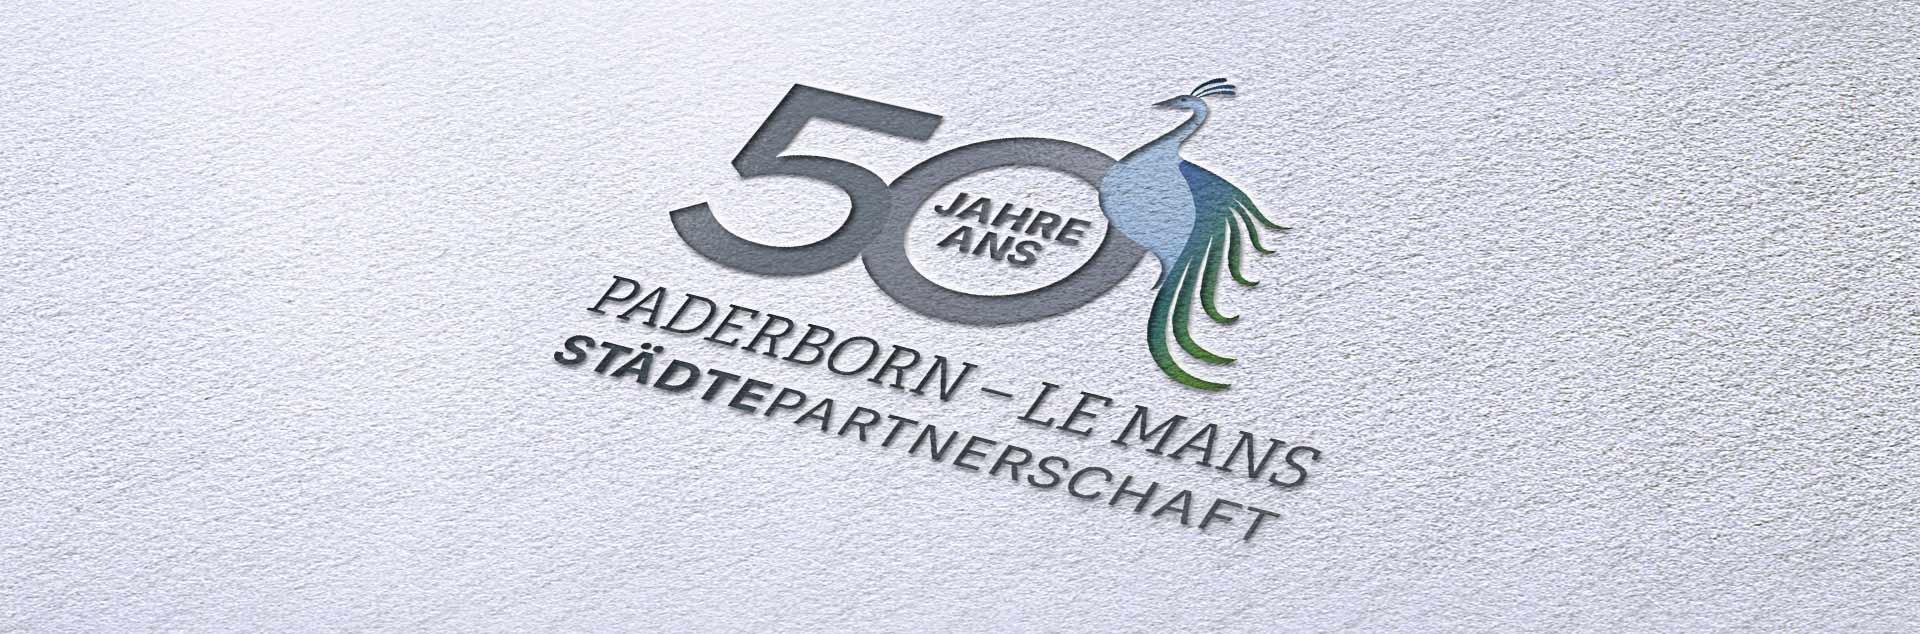 2017-07-18-Stadt-Paderborn-LeMans-50-Jahre-logo-header